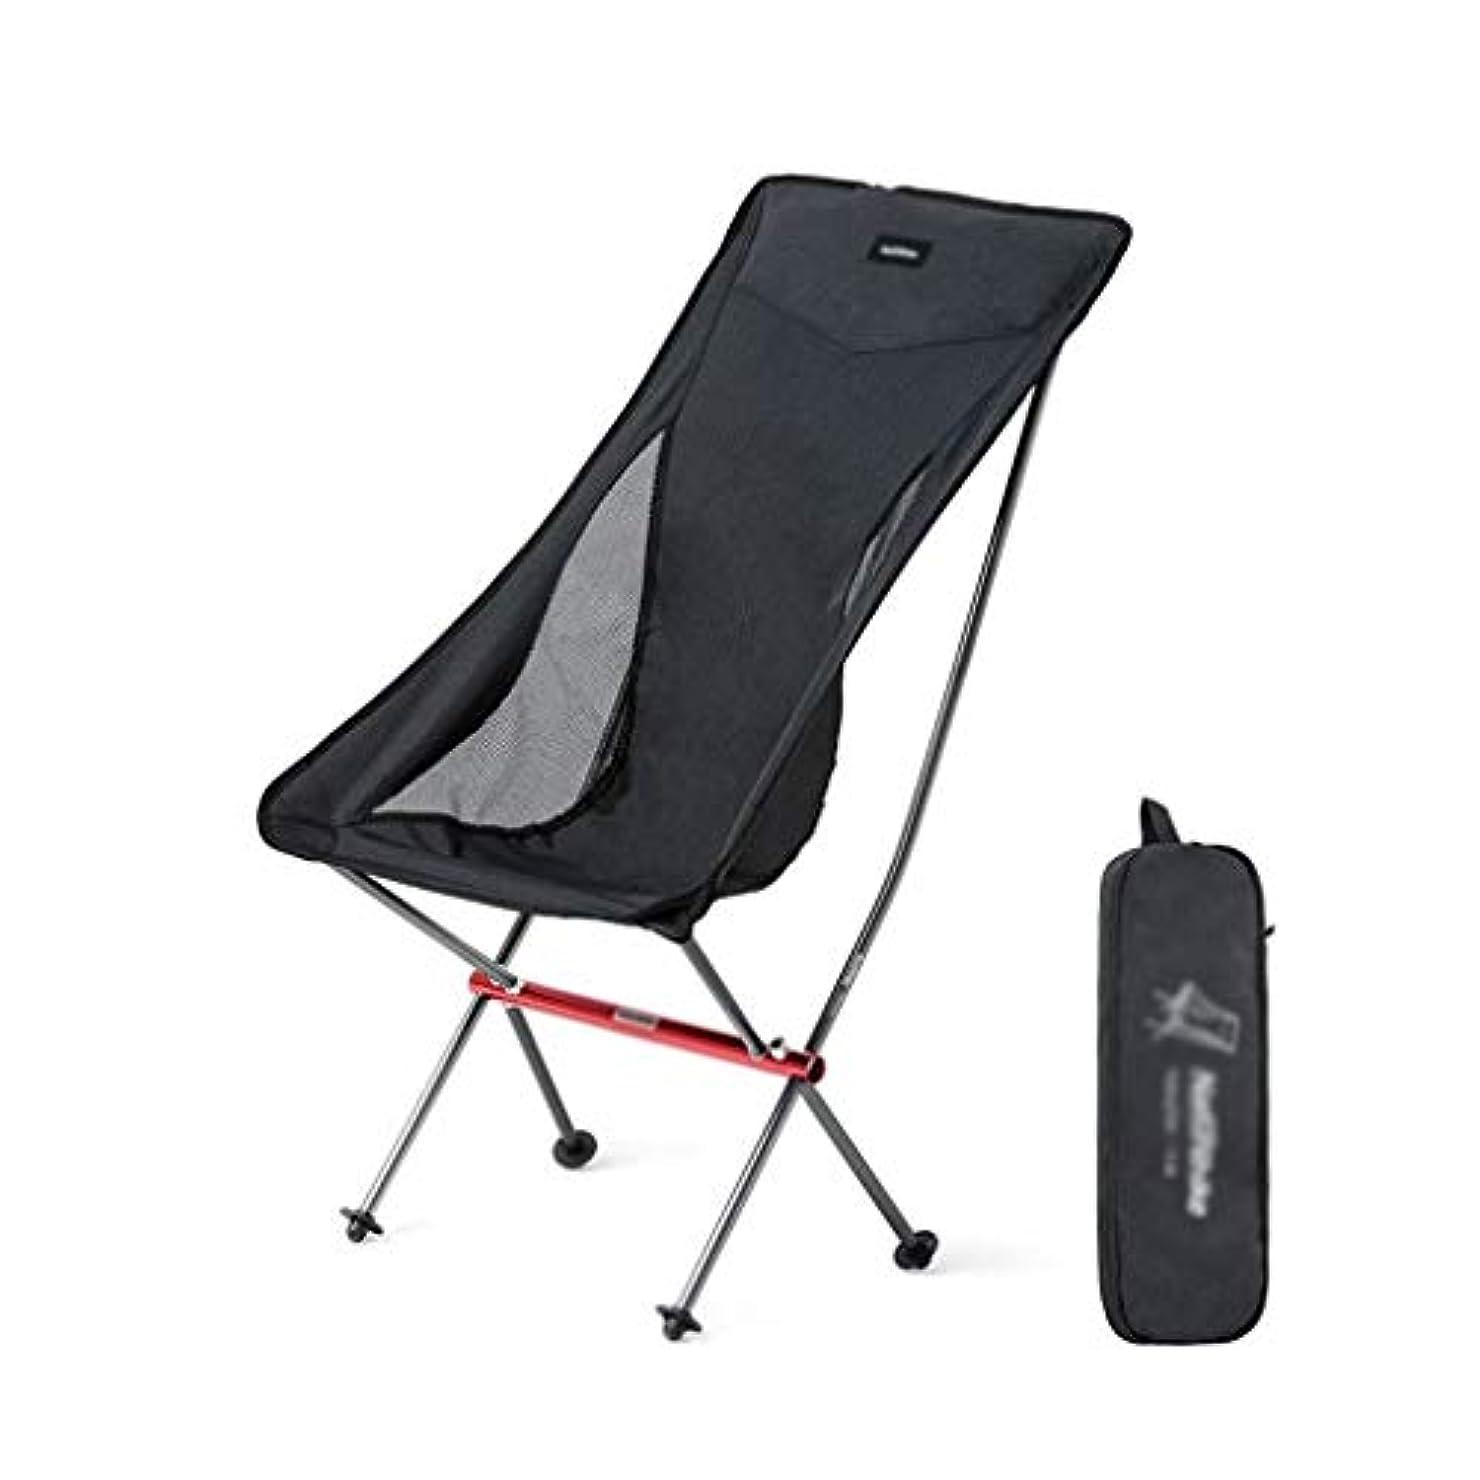 前部インタフェース証明するキャンプチェア、快適な キャンプチェア、お手入れが簡単、丈夫な折りたたみチェア屋外のキャンプスツール (色 : Black 1)